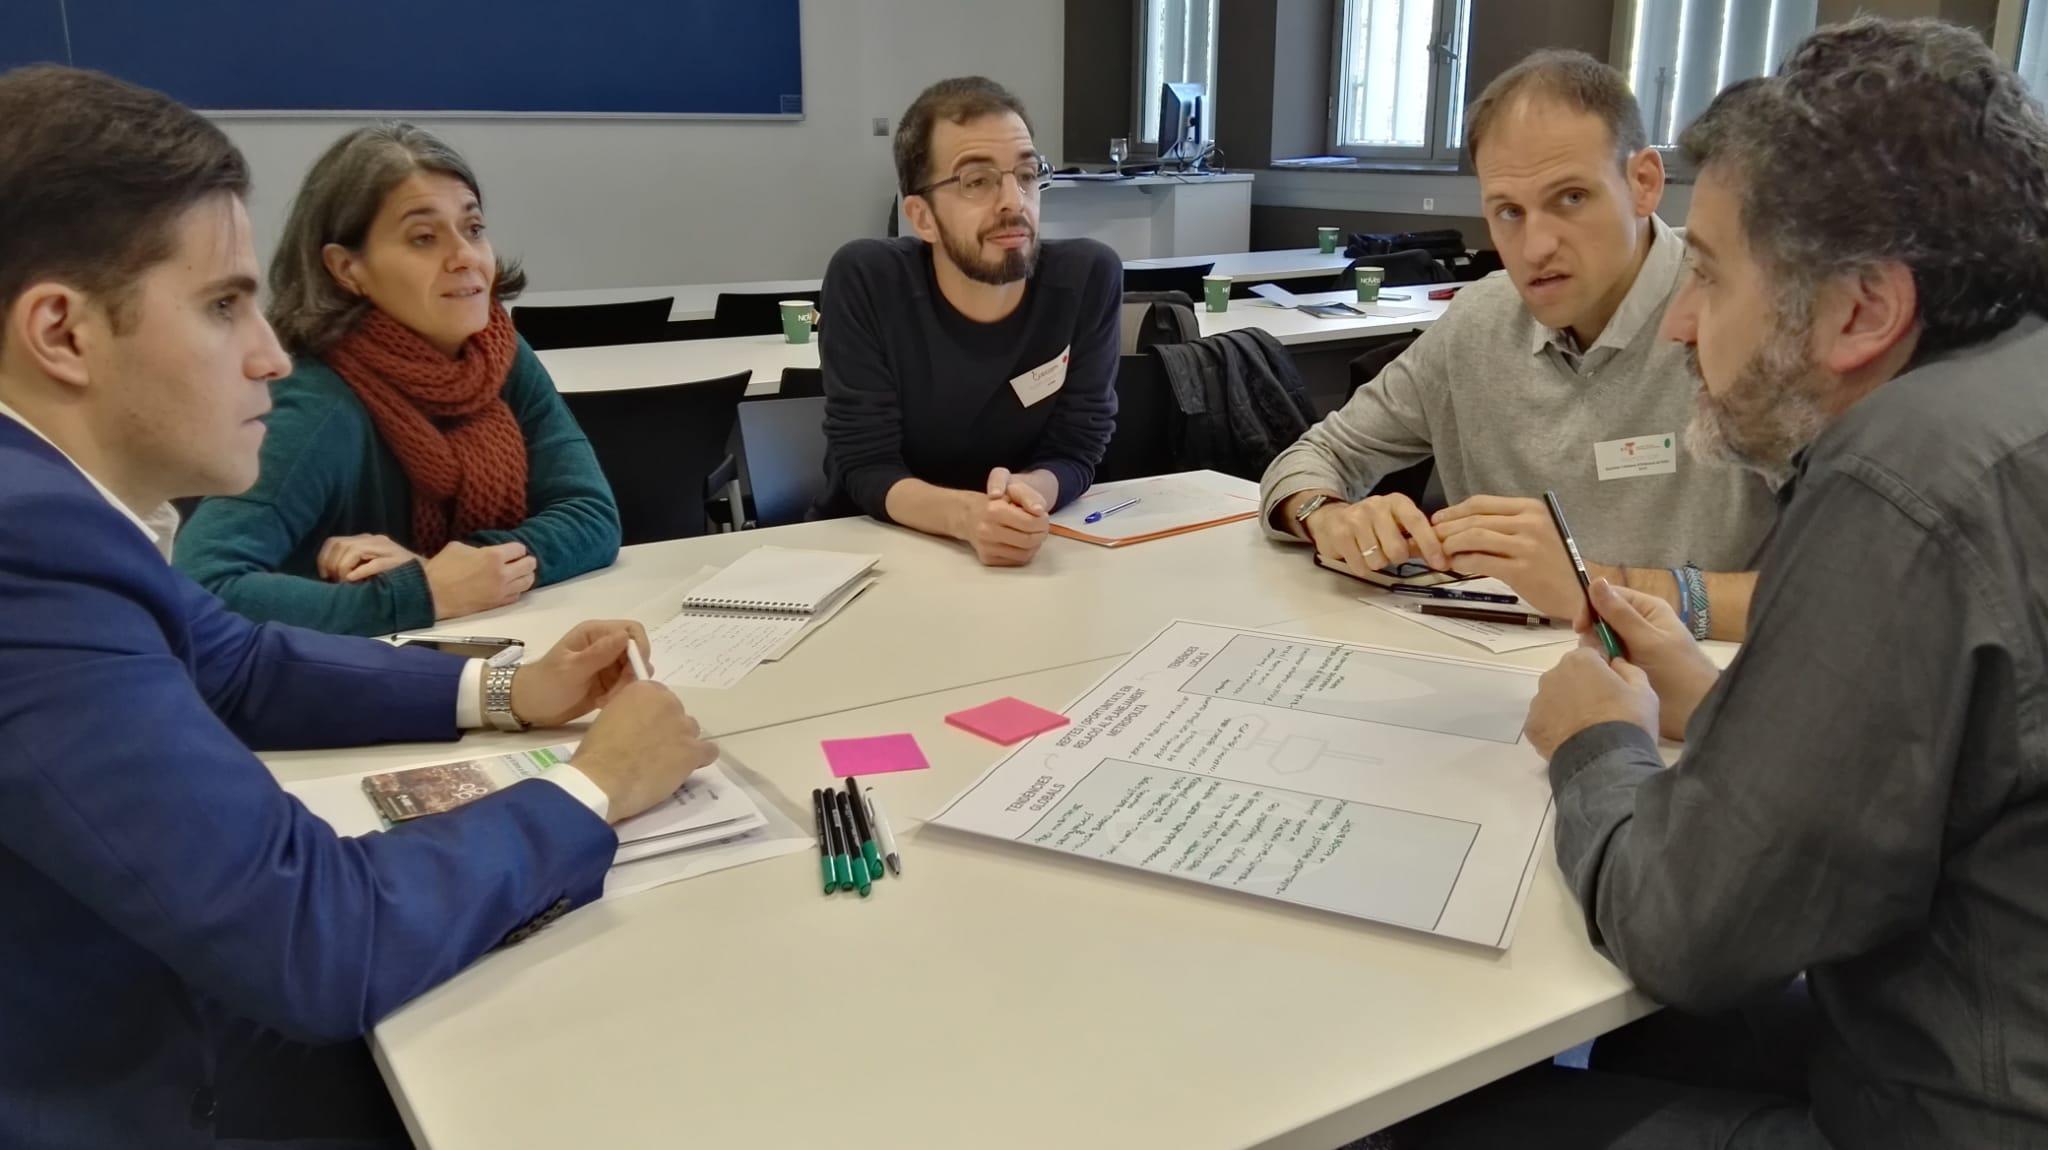 Els grups treballen per definir les tendències globals i locals i els reptes pel planejament en relació a la cohesió social i l?habitatge